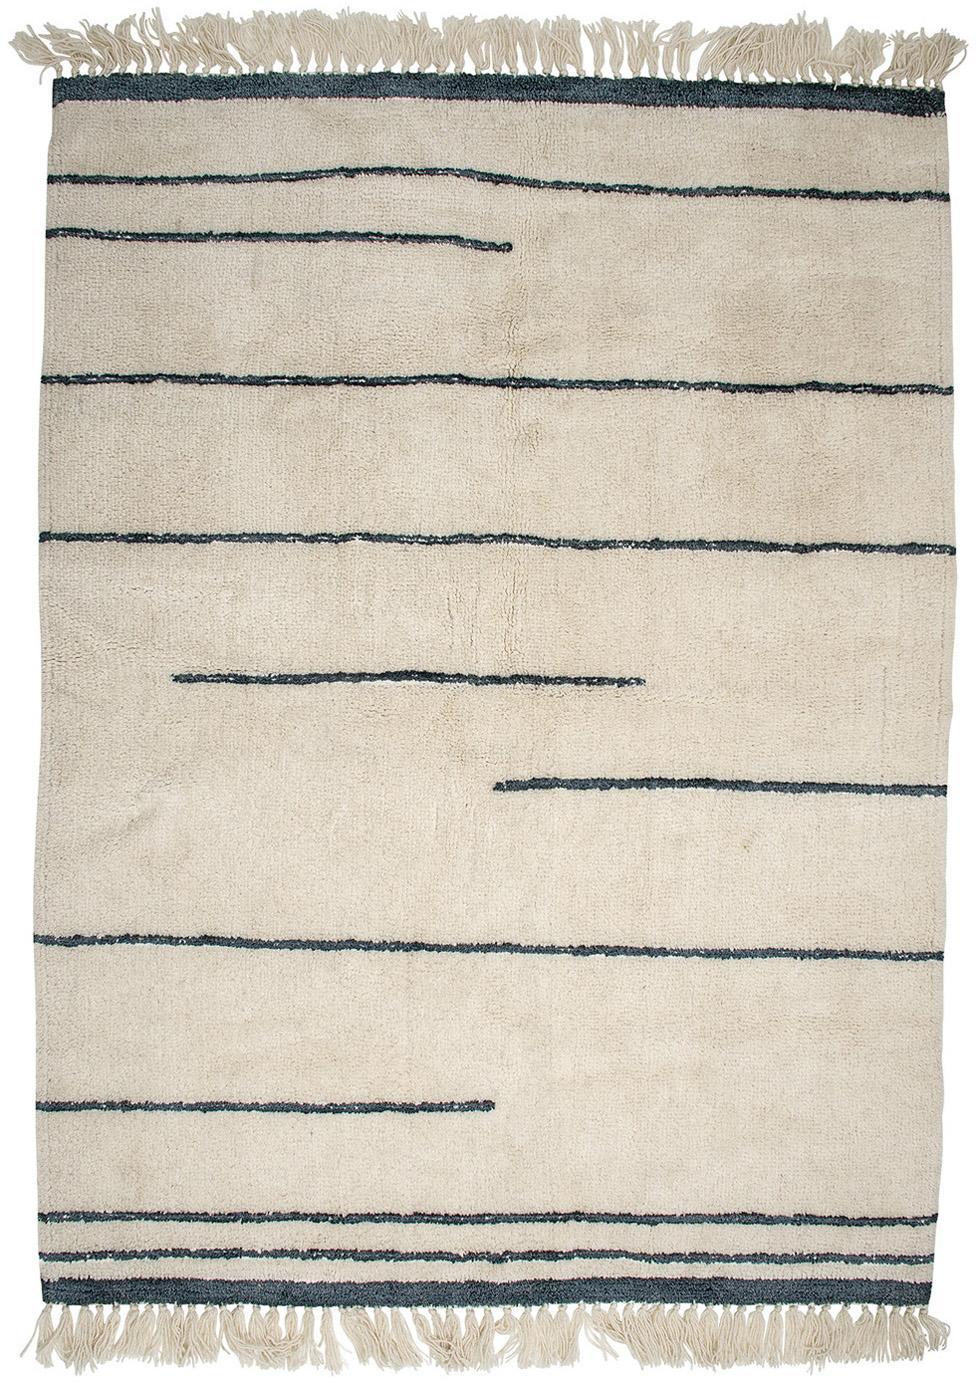 Dywan z wełny z frędzlami Nora, Beżowy, antracytowy, S 140 x D 200 cm (Rozmiar S)